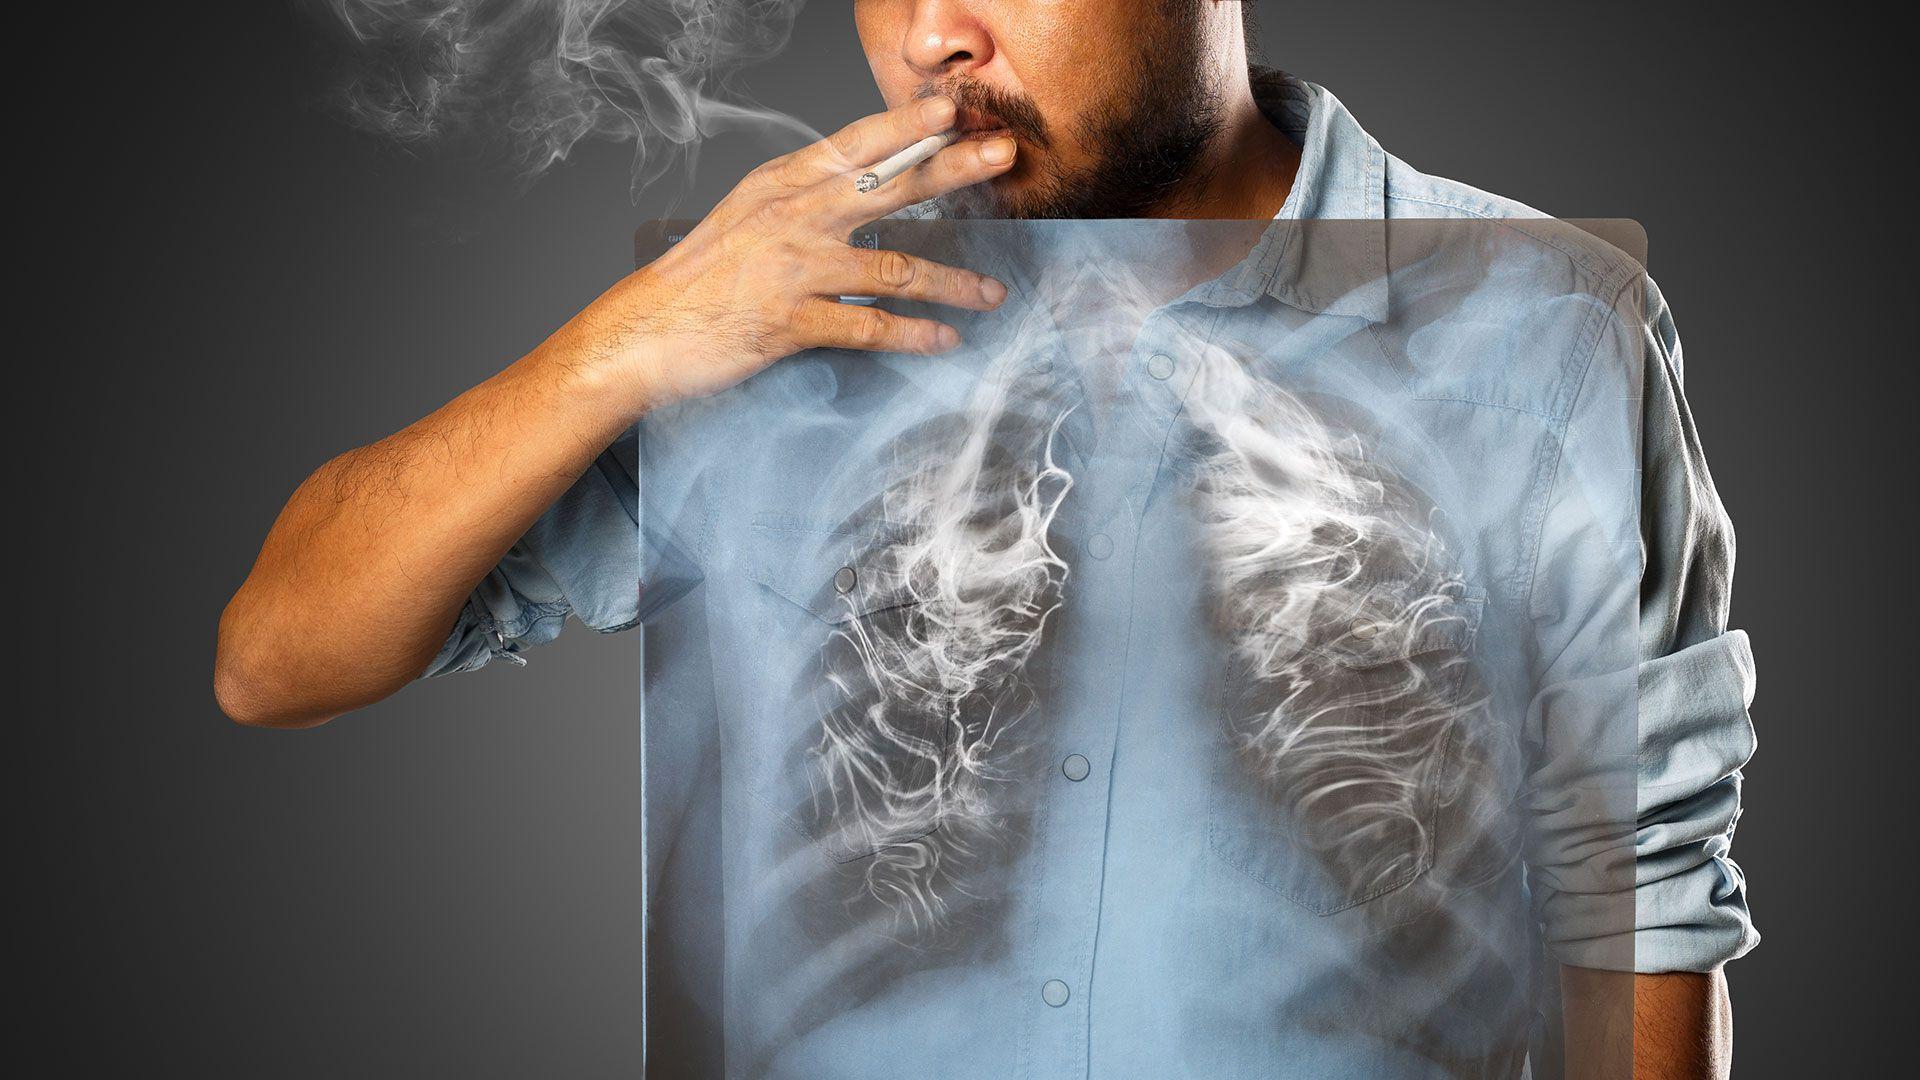 Se trata de una enfermedad principalmente asociada al consumo de tabaco (Shutterstock)